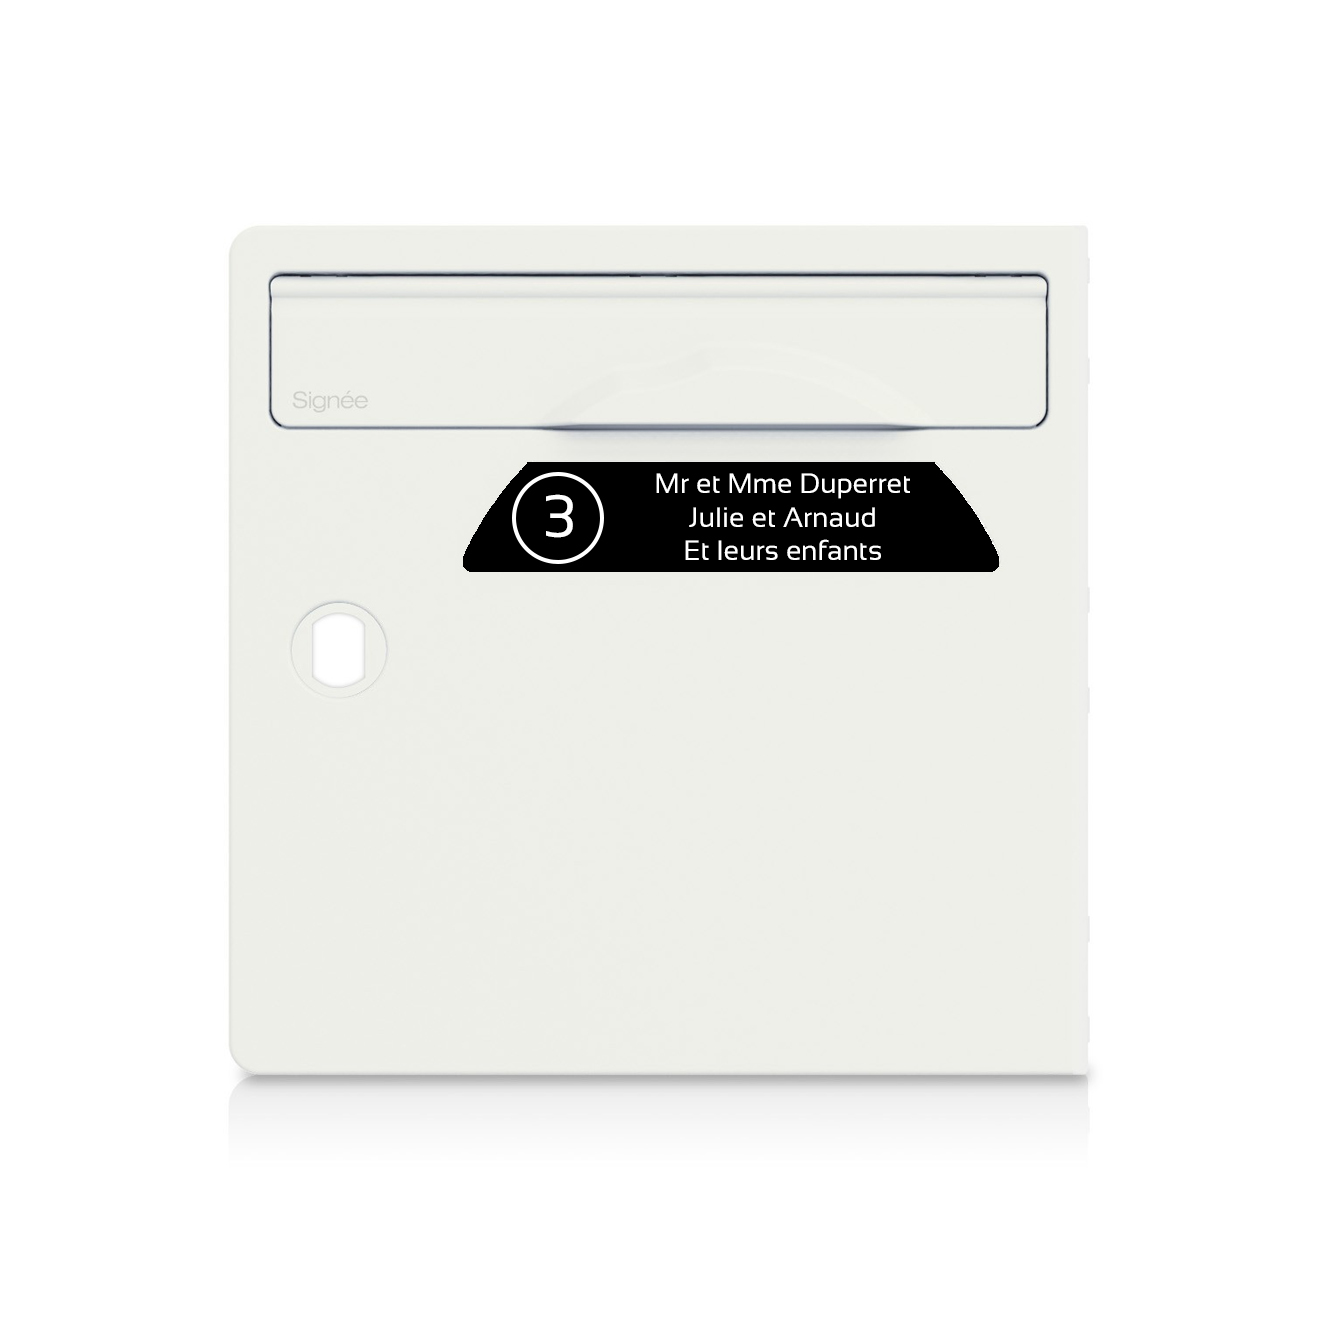 Plaque boite aux lettres Signée NUMERO noire lettres blanches - 3 lignes